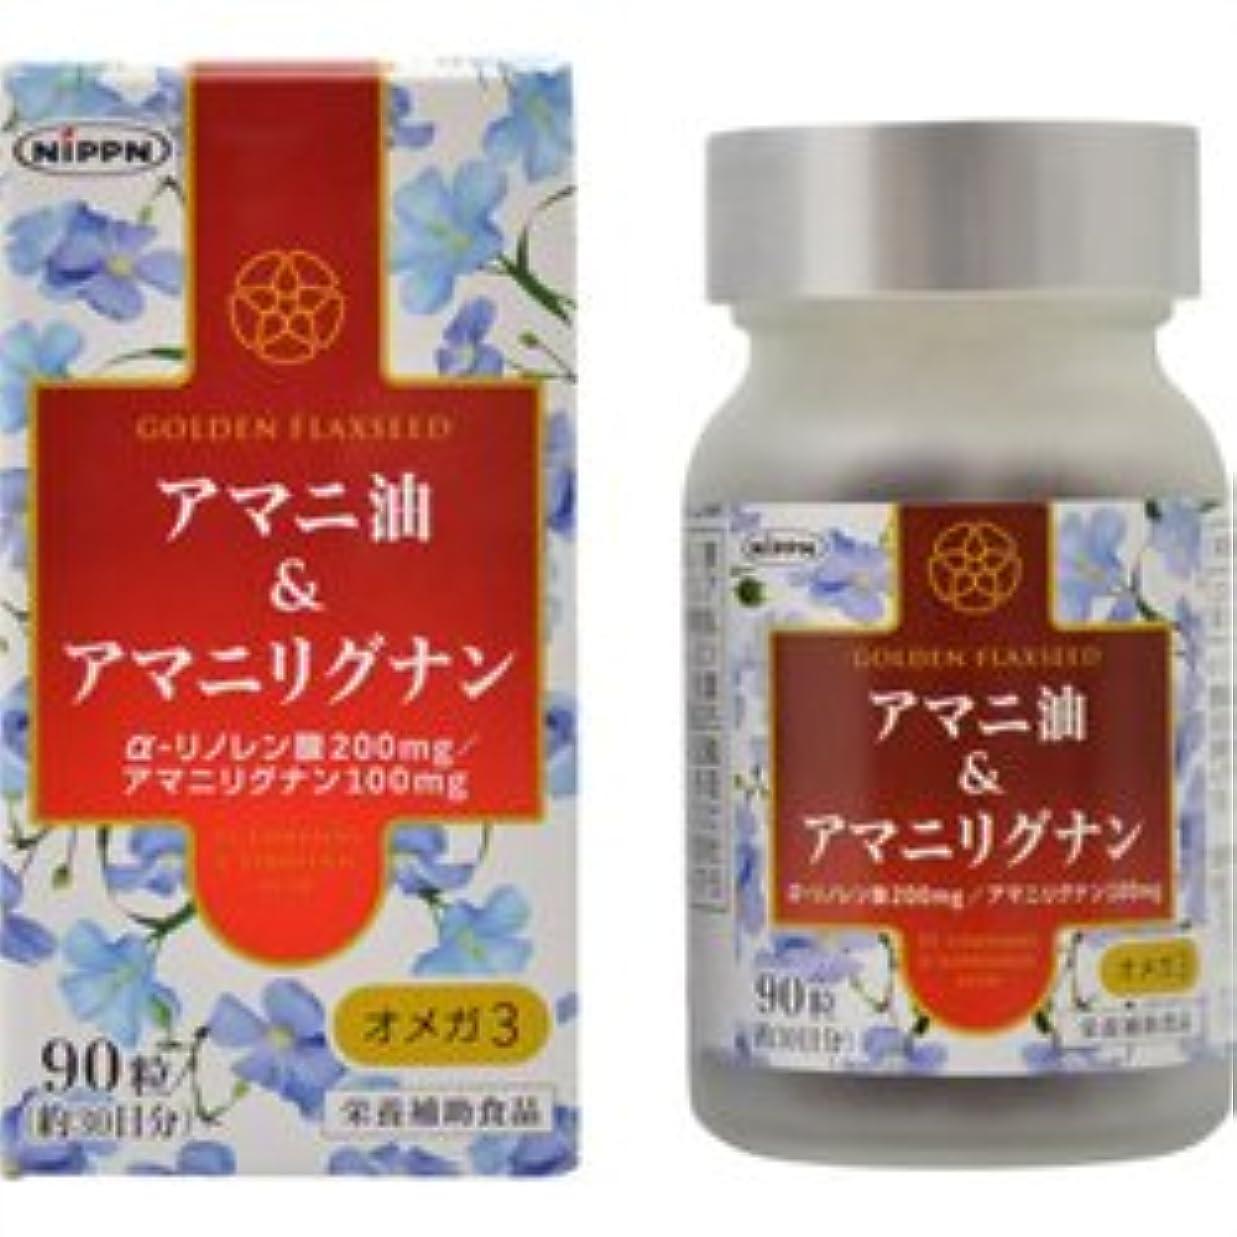 施し公然とゼリー【日本製粉】アマニ油&アマニリグナン 90粒 ×5個セット